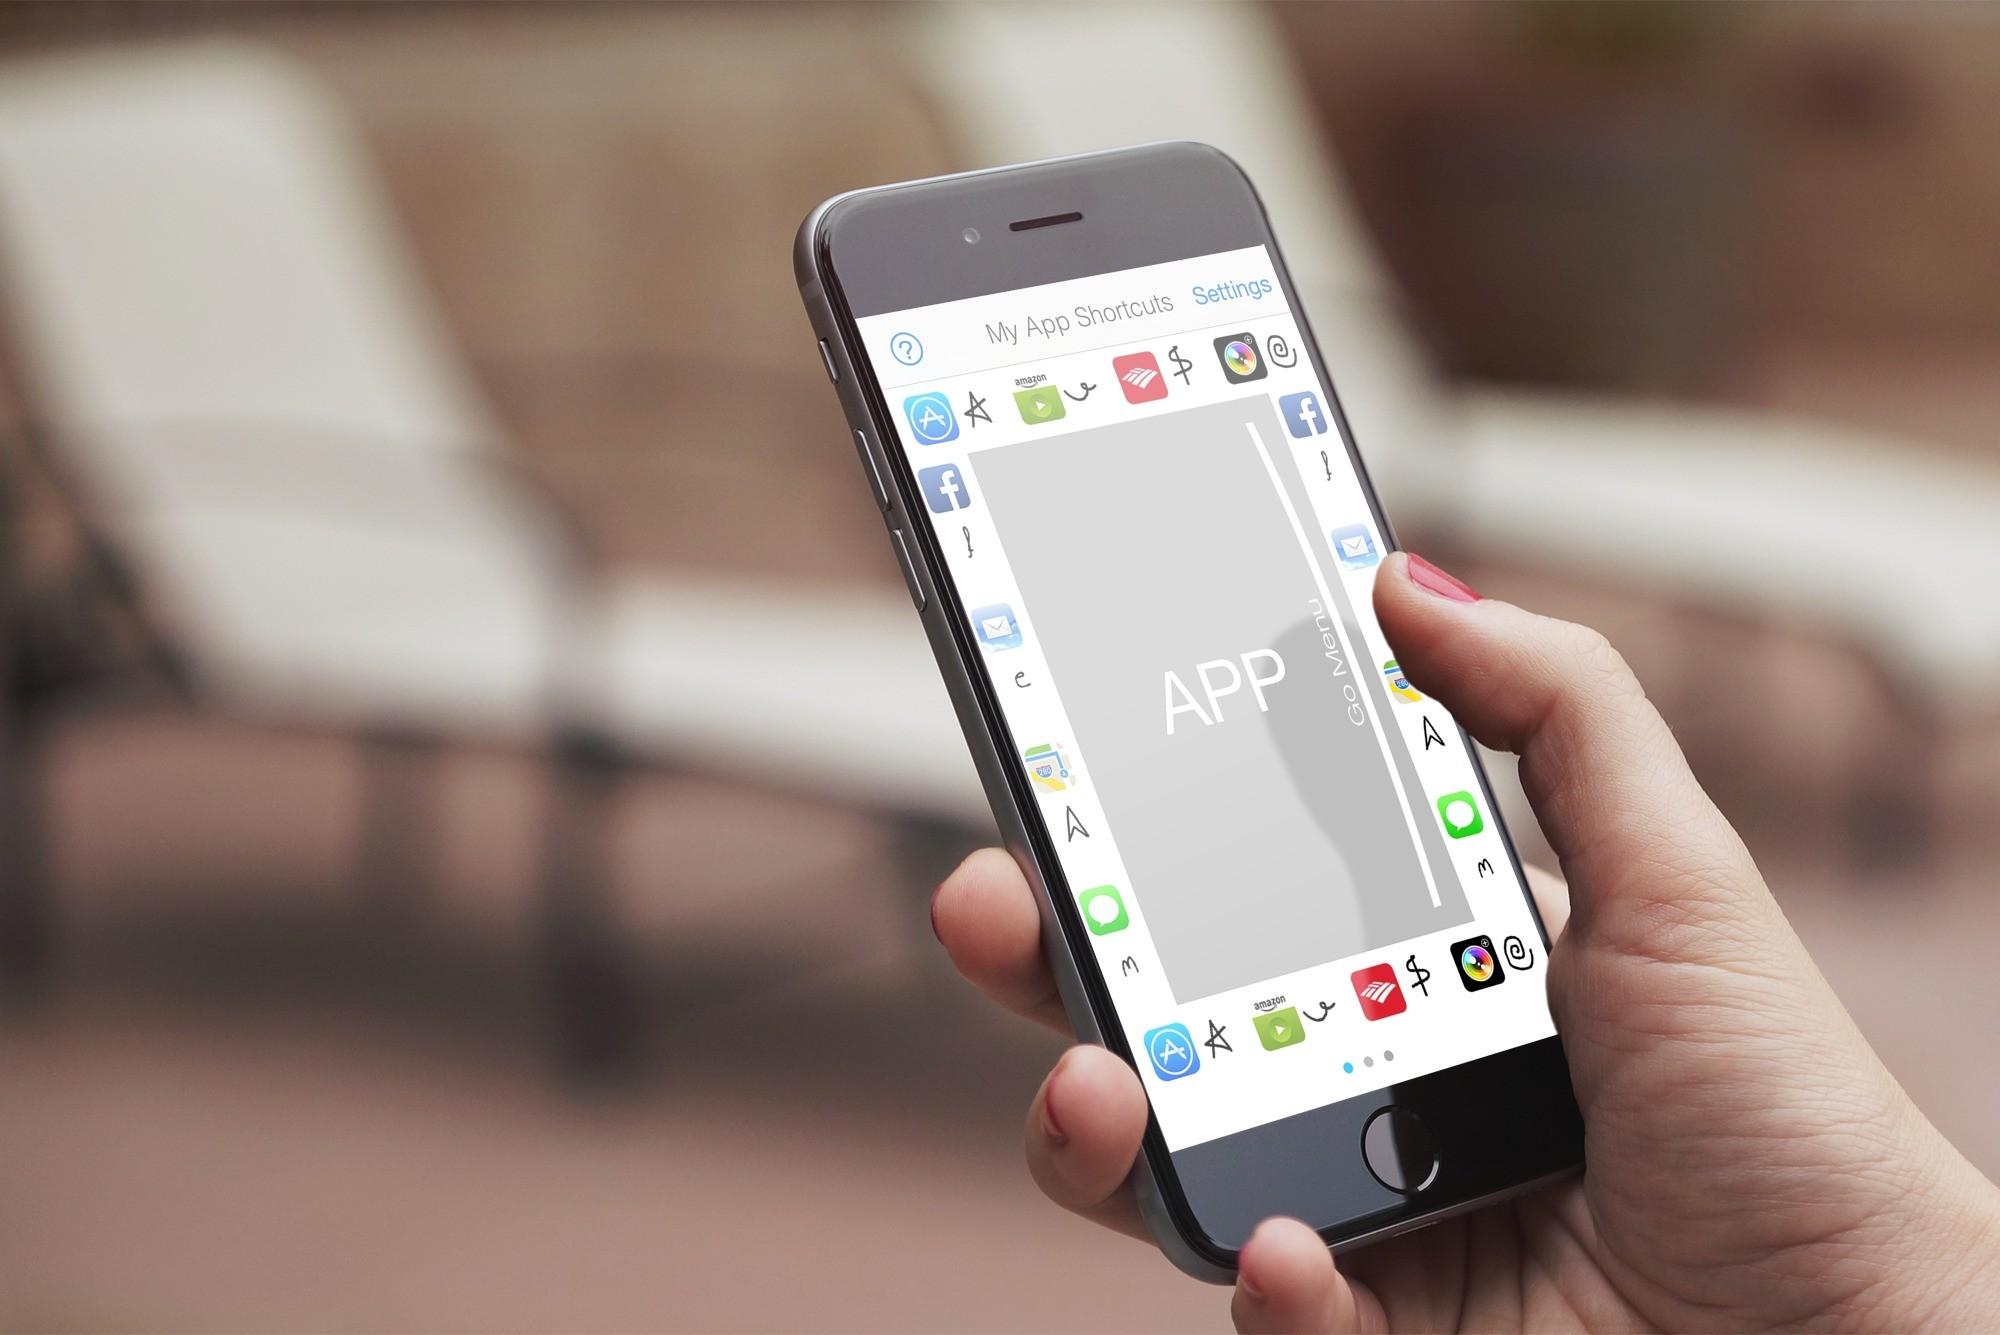 Open apps with quick gestures using LaunchCode Shortcut